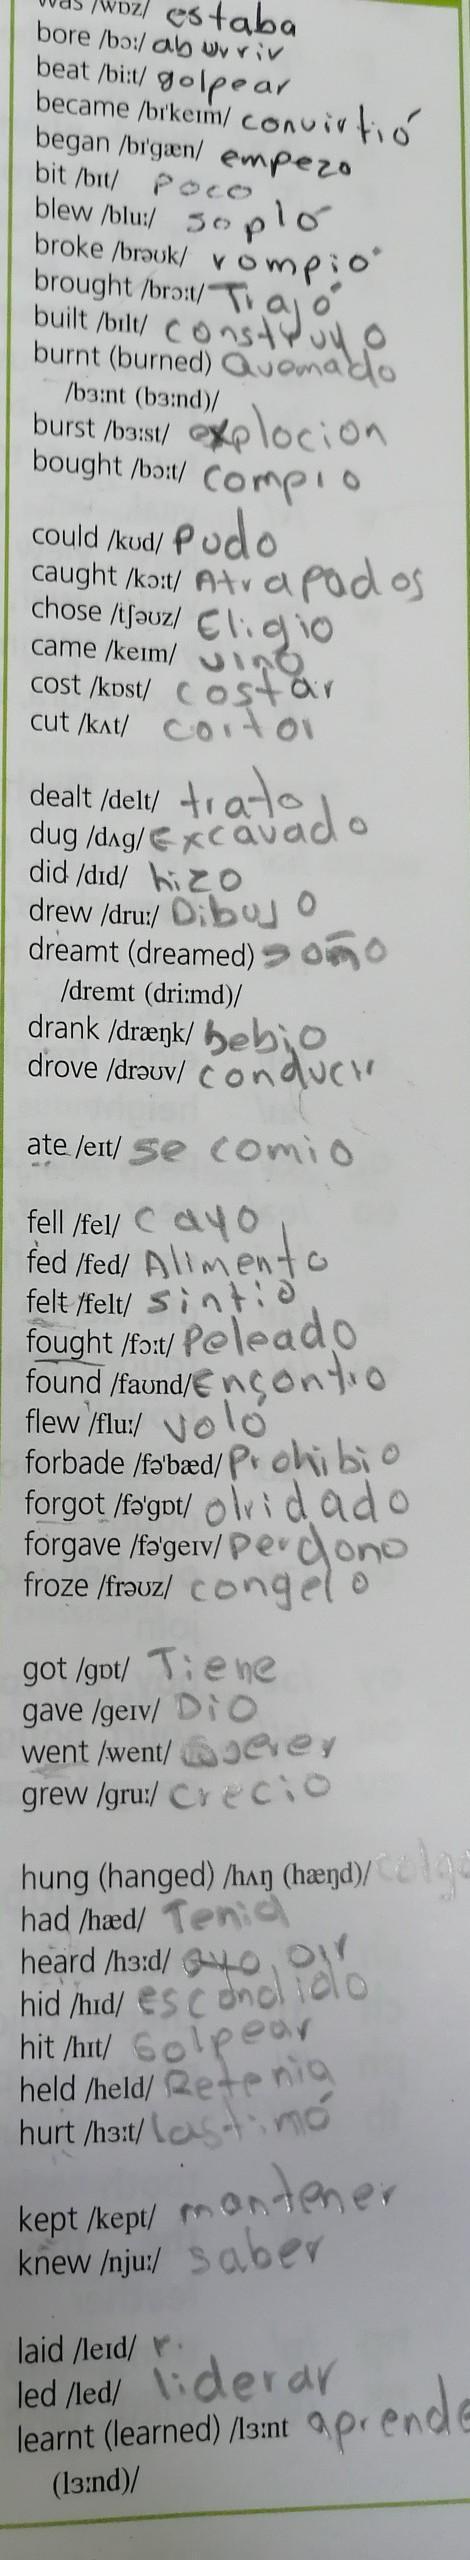 Usando Cada Verbo De La Lista Pasado Simple En La última